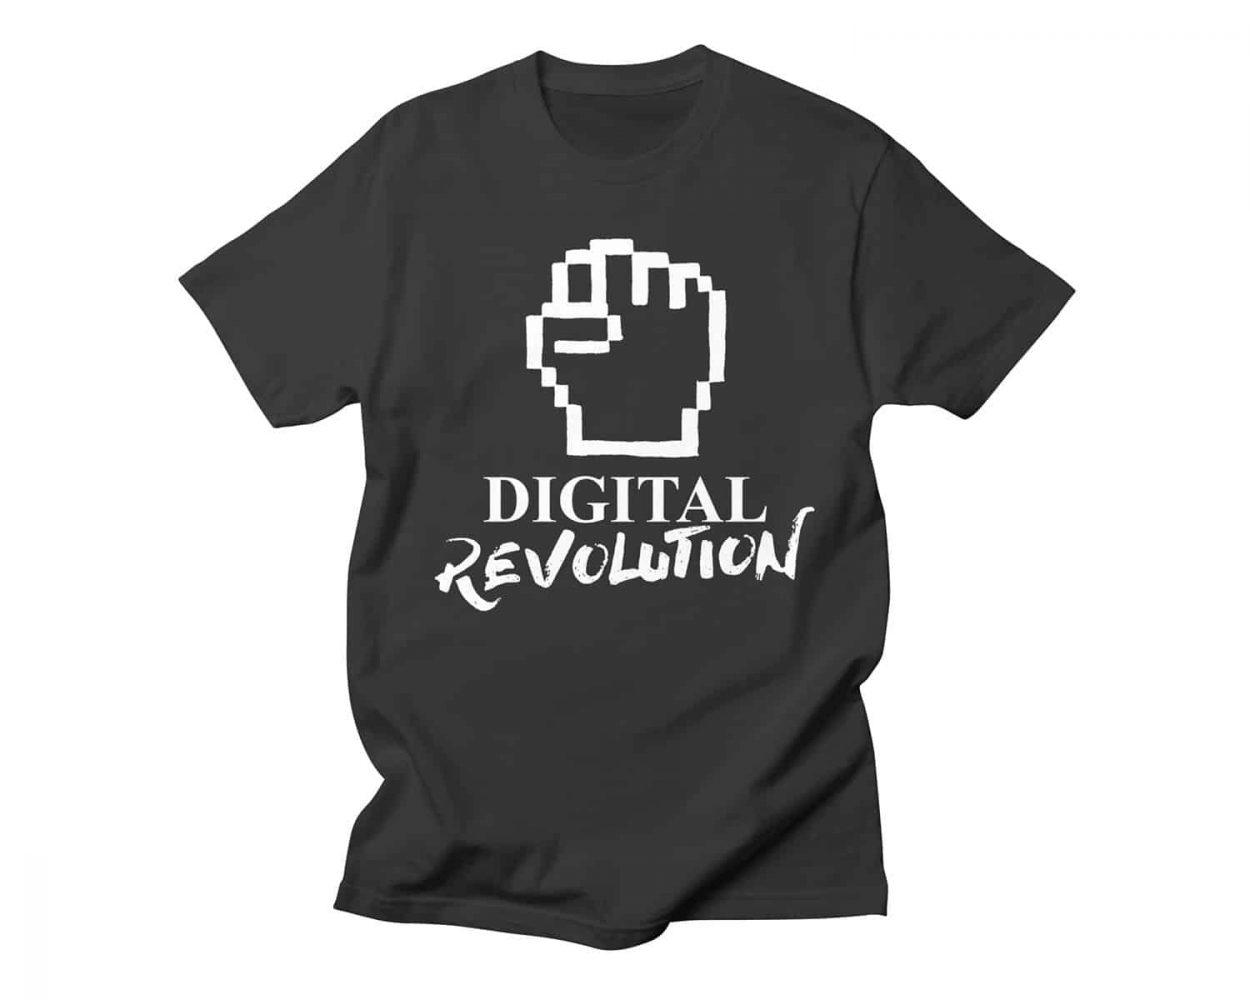 Camiseta negra con diseño Digital Revolution. Moda geek, internet y tecnología.